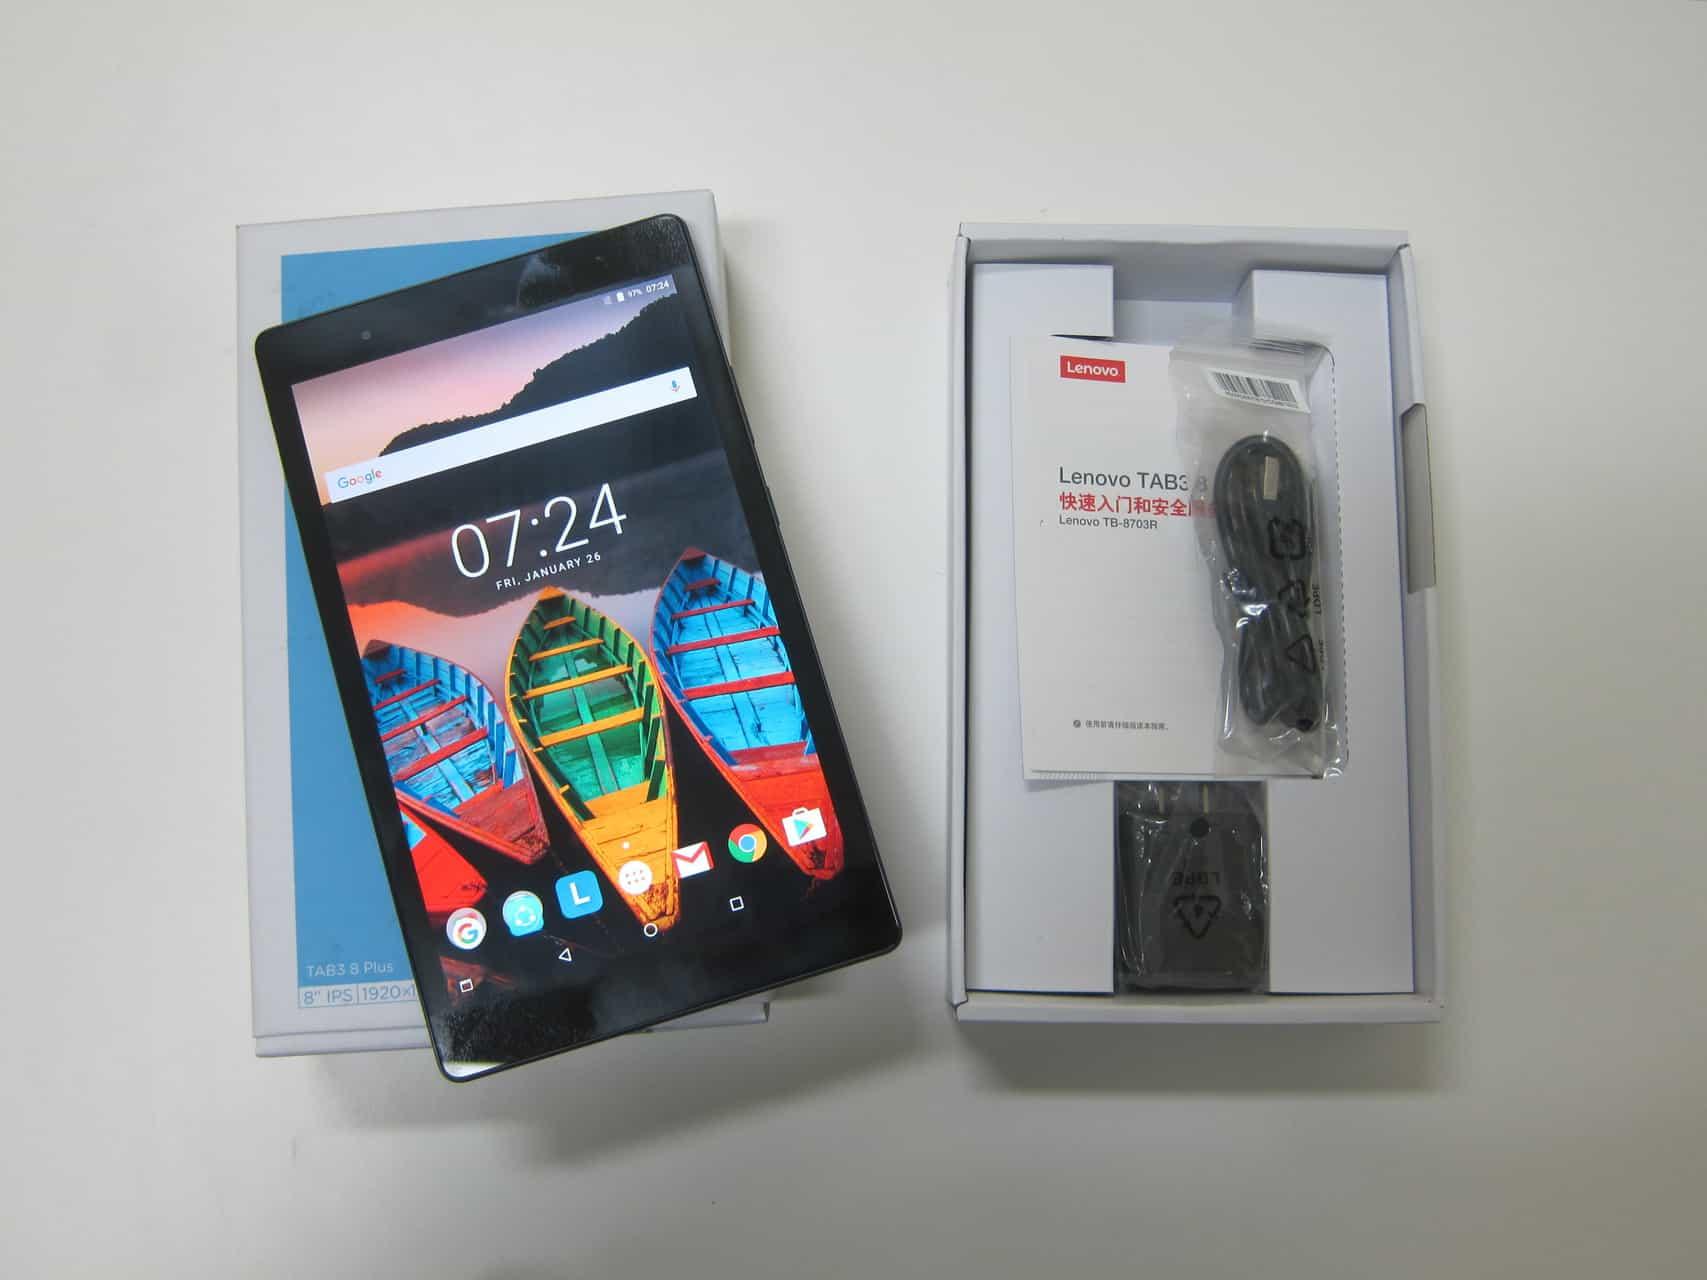 Recensione Lenovo P8 TAB 3 8 Plus TB 8703X tablet Wi Fi e 4G